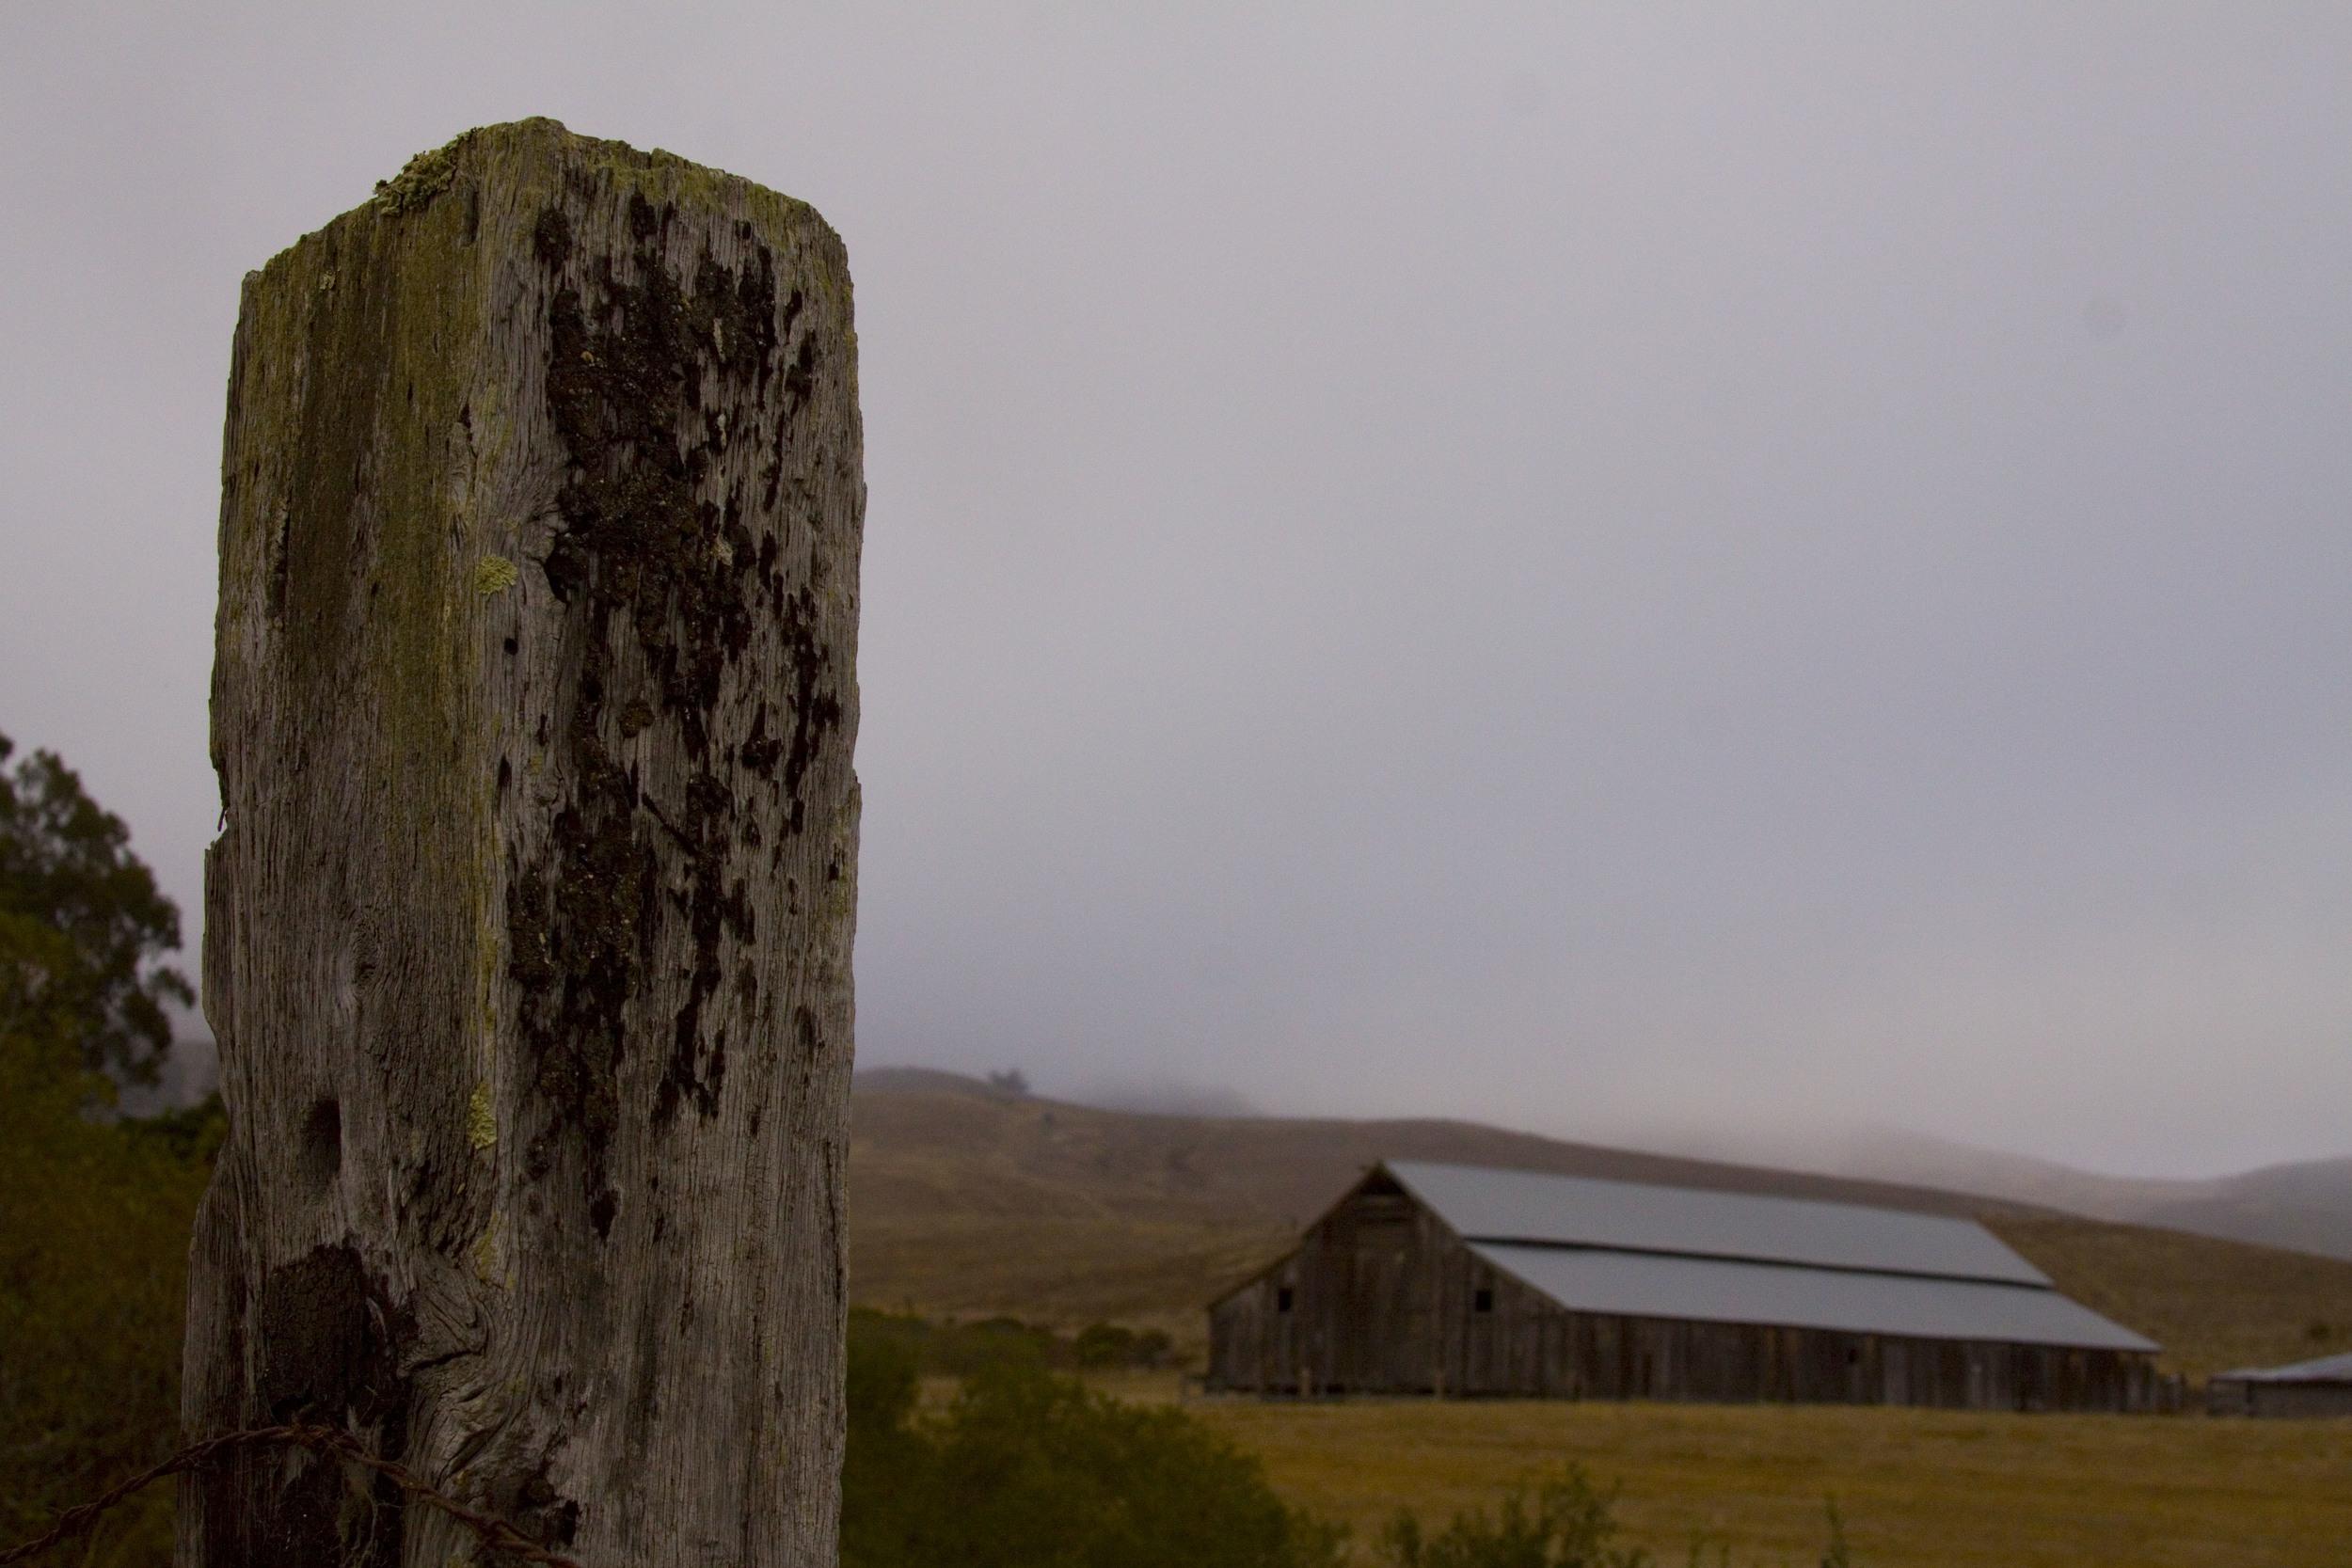 Lost in a Fog_54.jpg